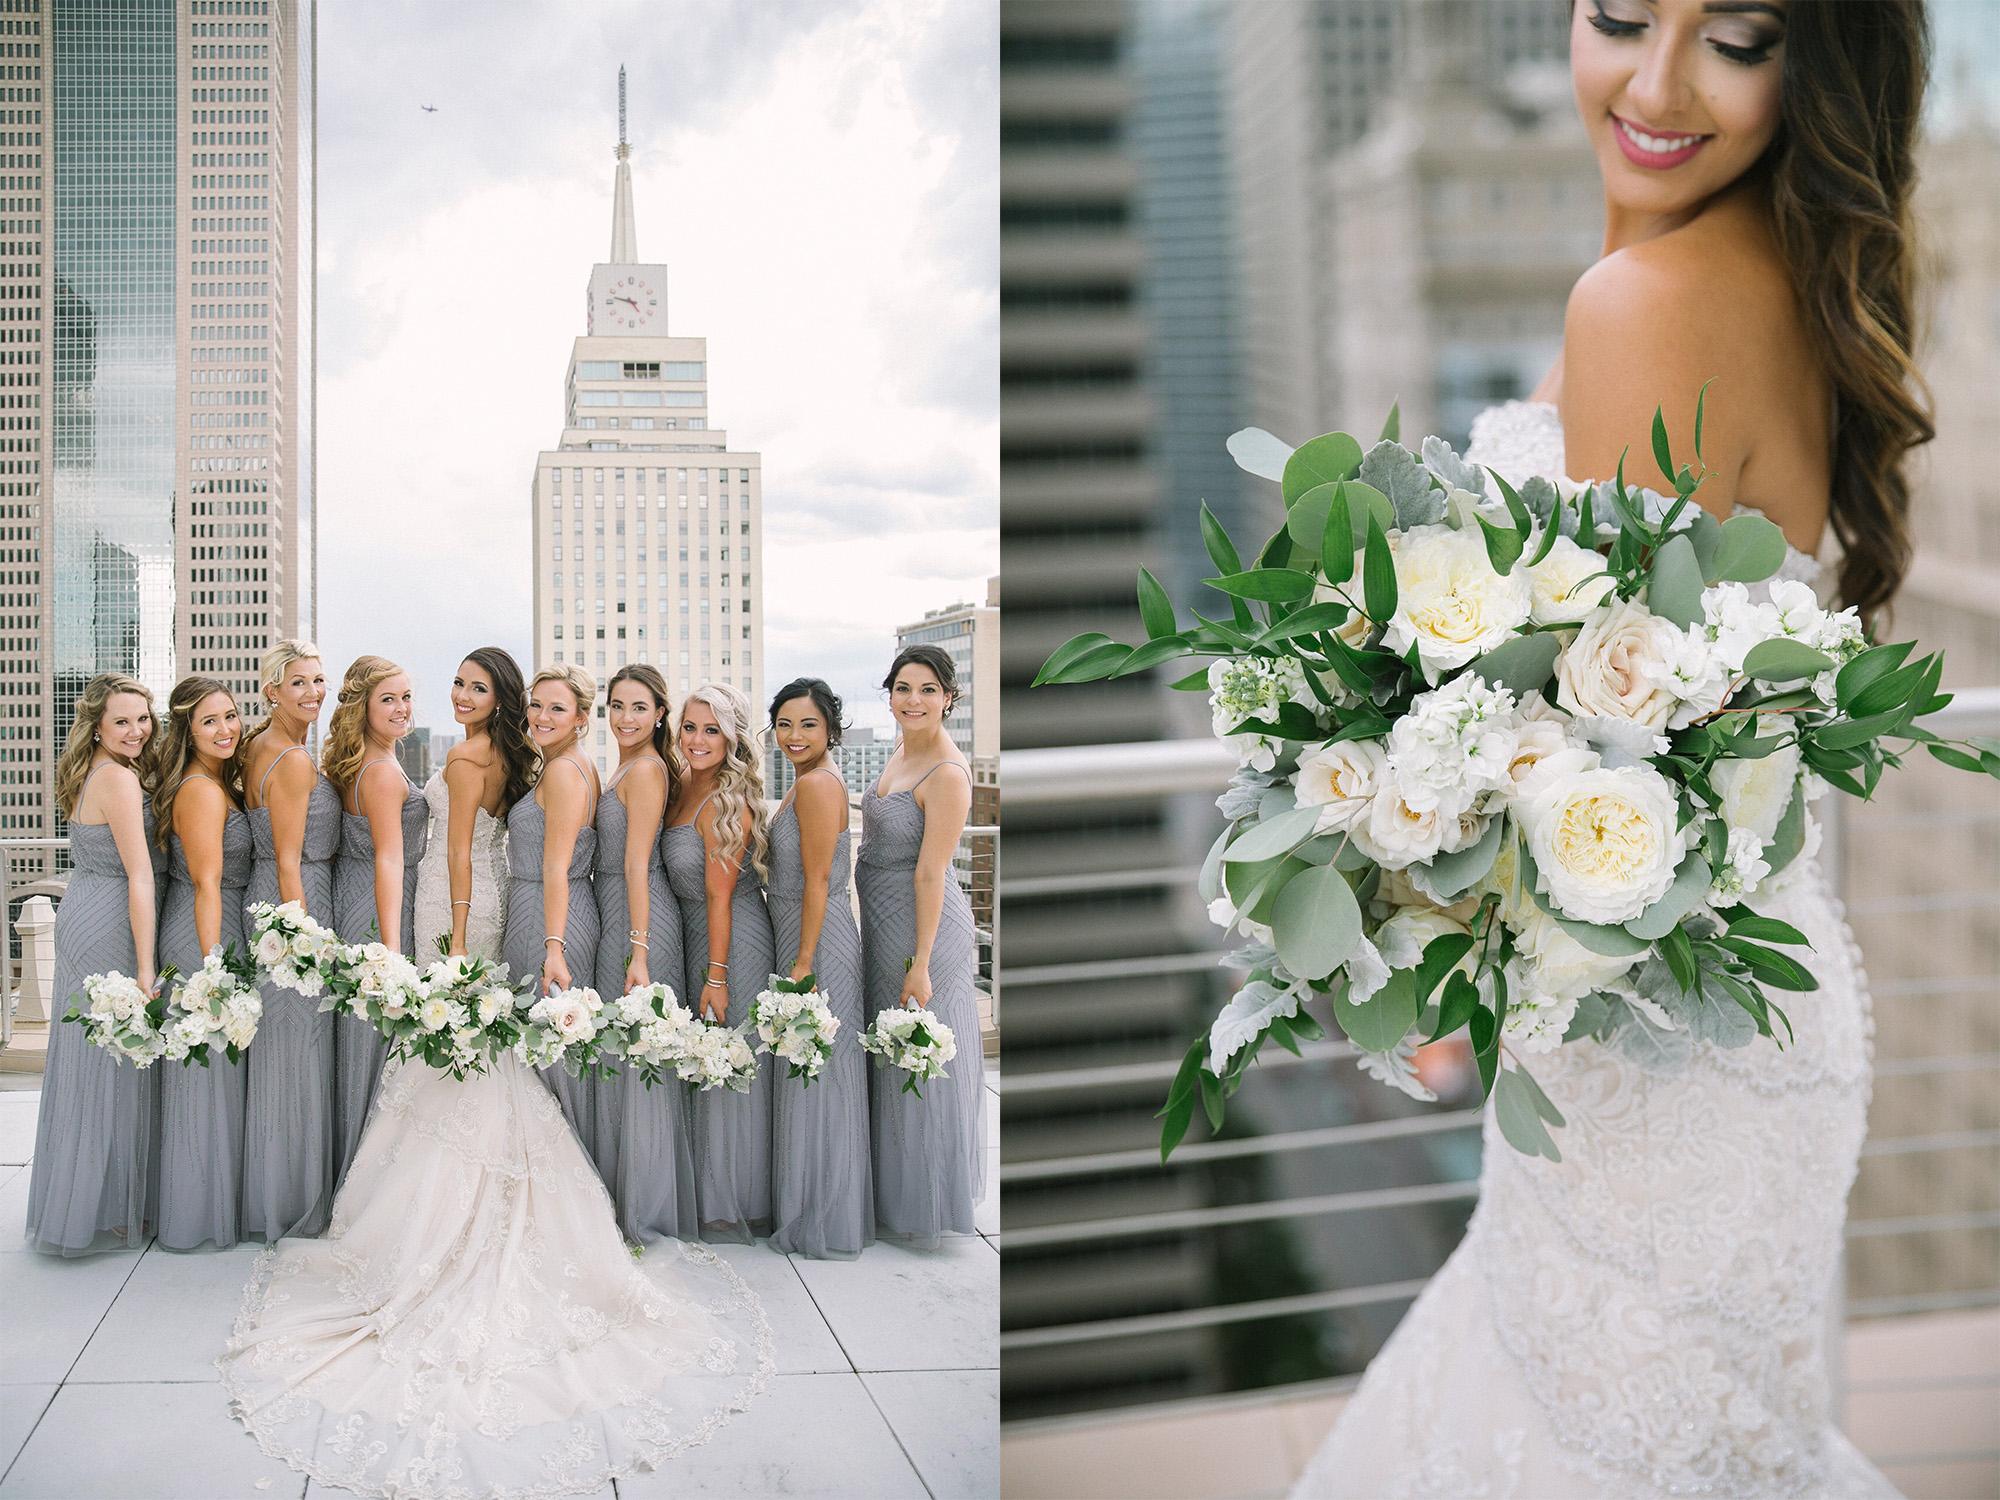 Ellen-Ashton-Photography-Dallas-Wedding-Photographers-Destination-Wedding-Photographers-Chic-Fleur-Weddings-and-Events-Dallas-Wedding Planners-The-Tower-Club-Dallas-5.jpg